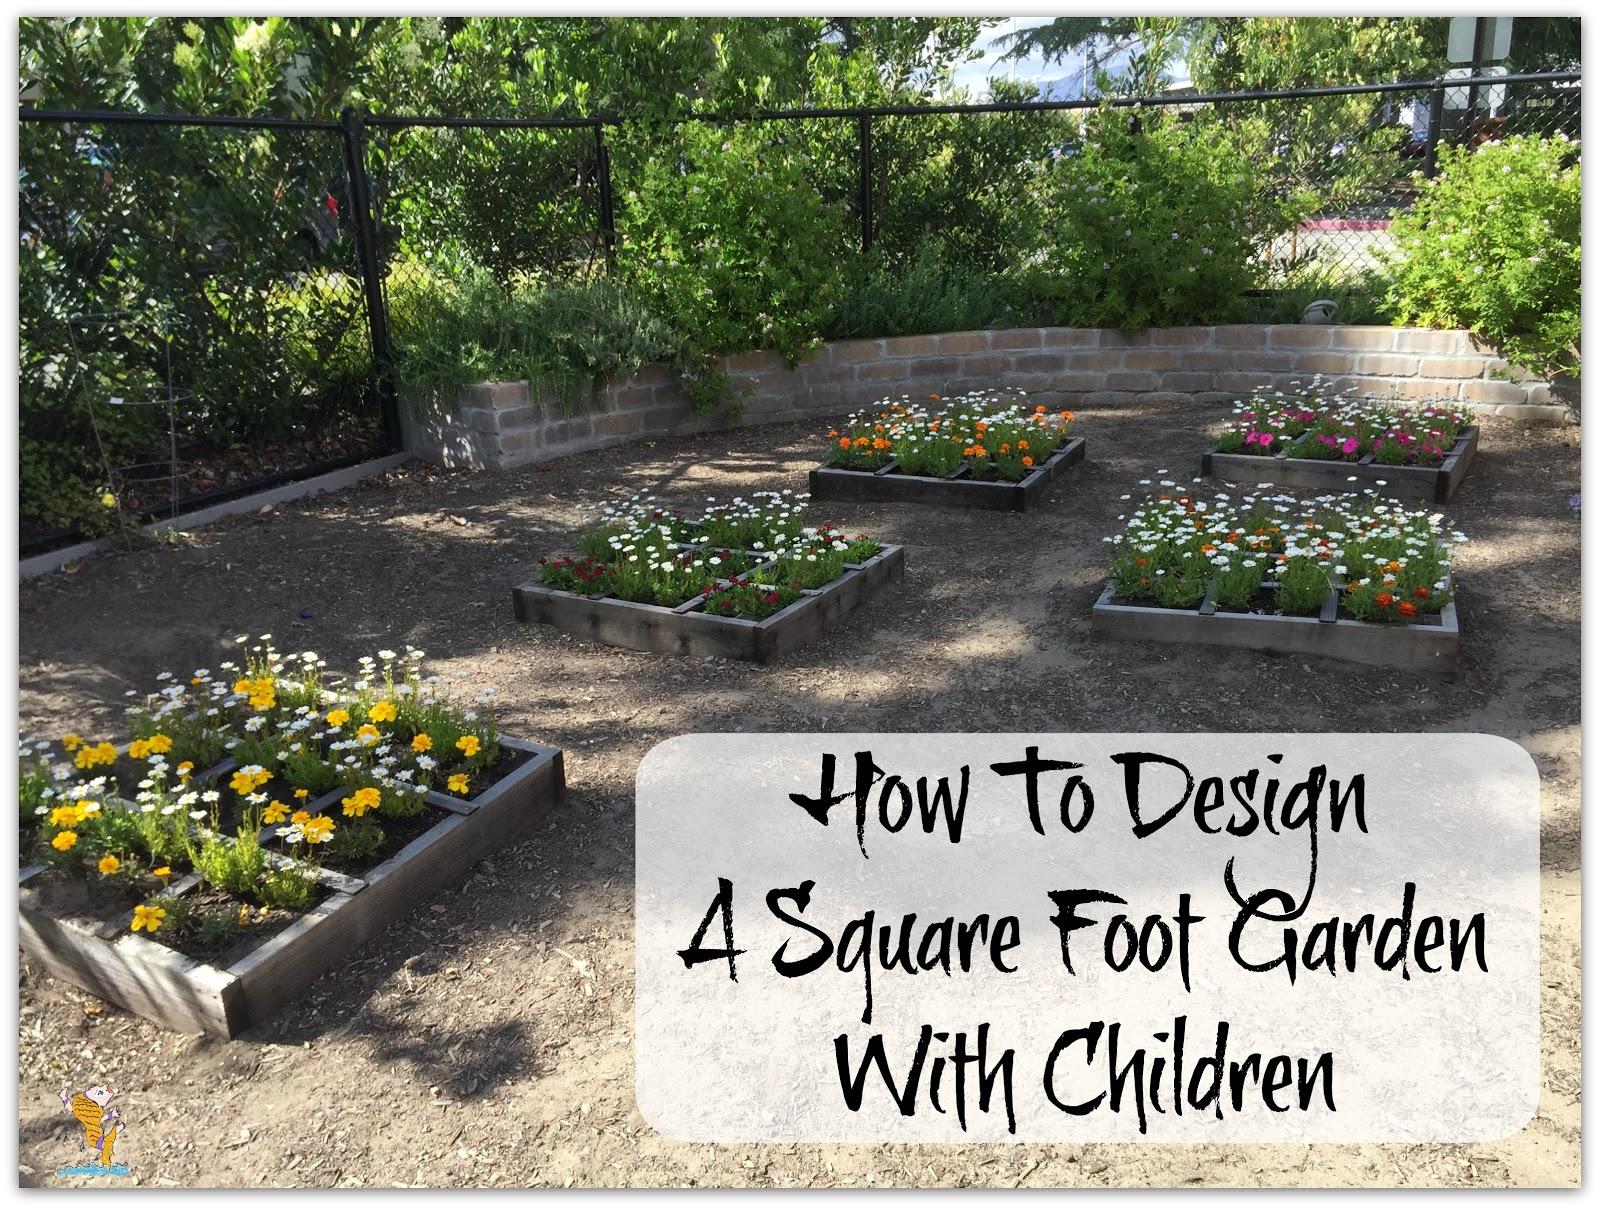 PMMC+How+to+design+sq+foot+garden+w+children